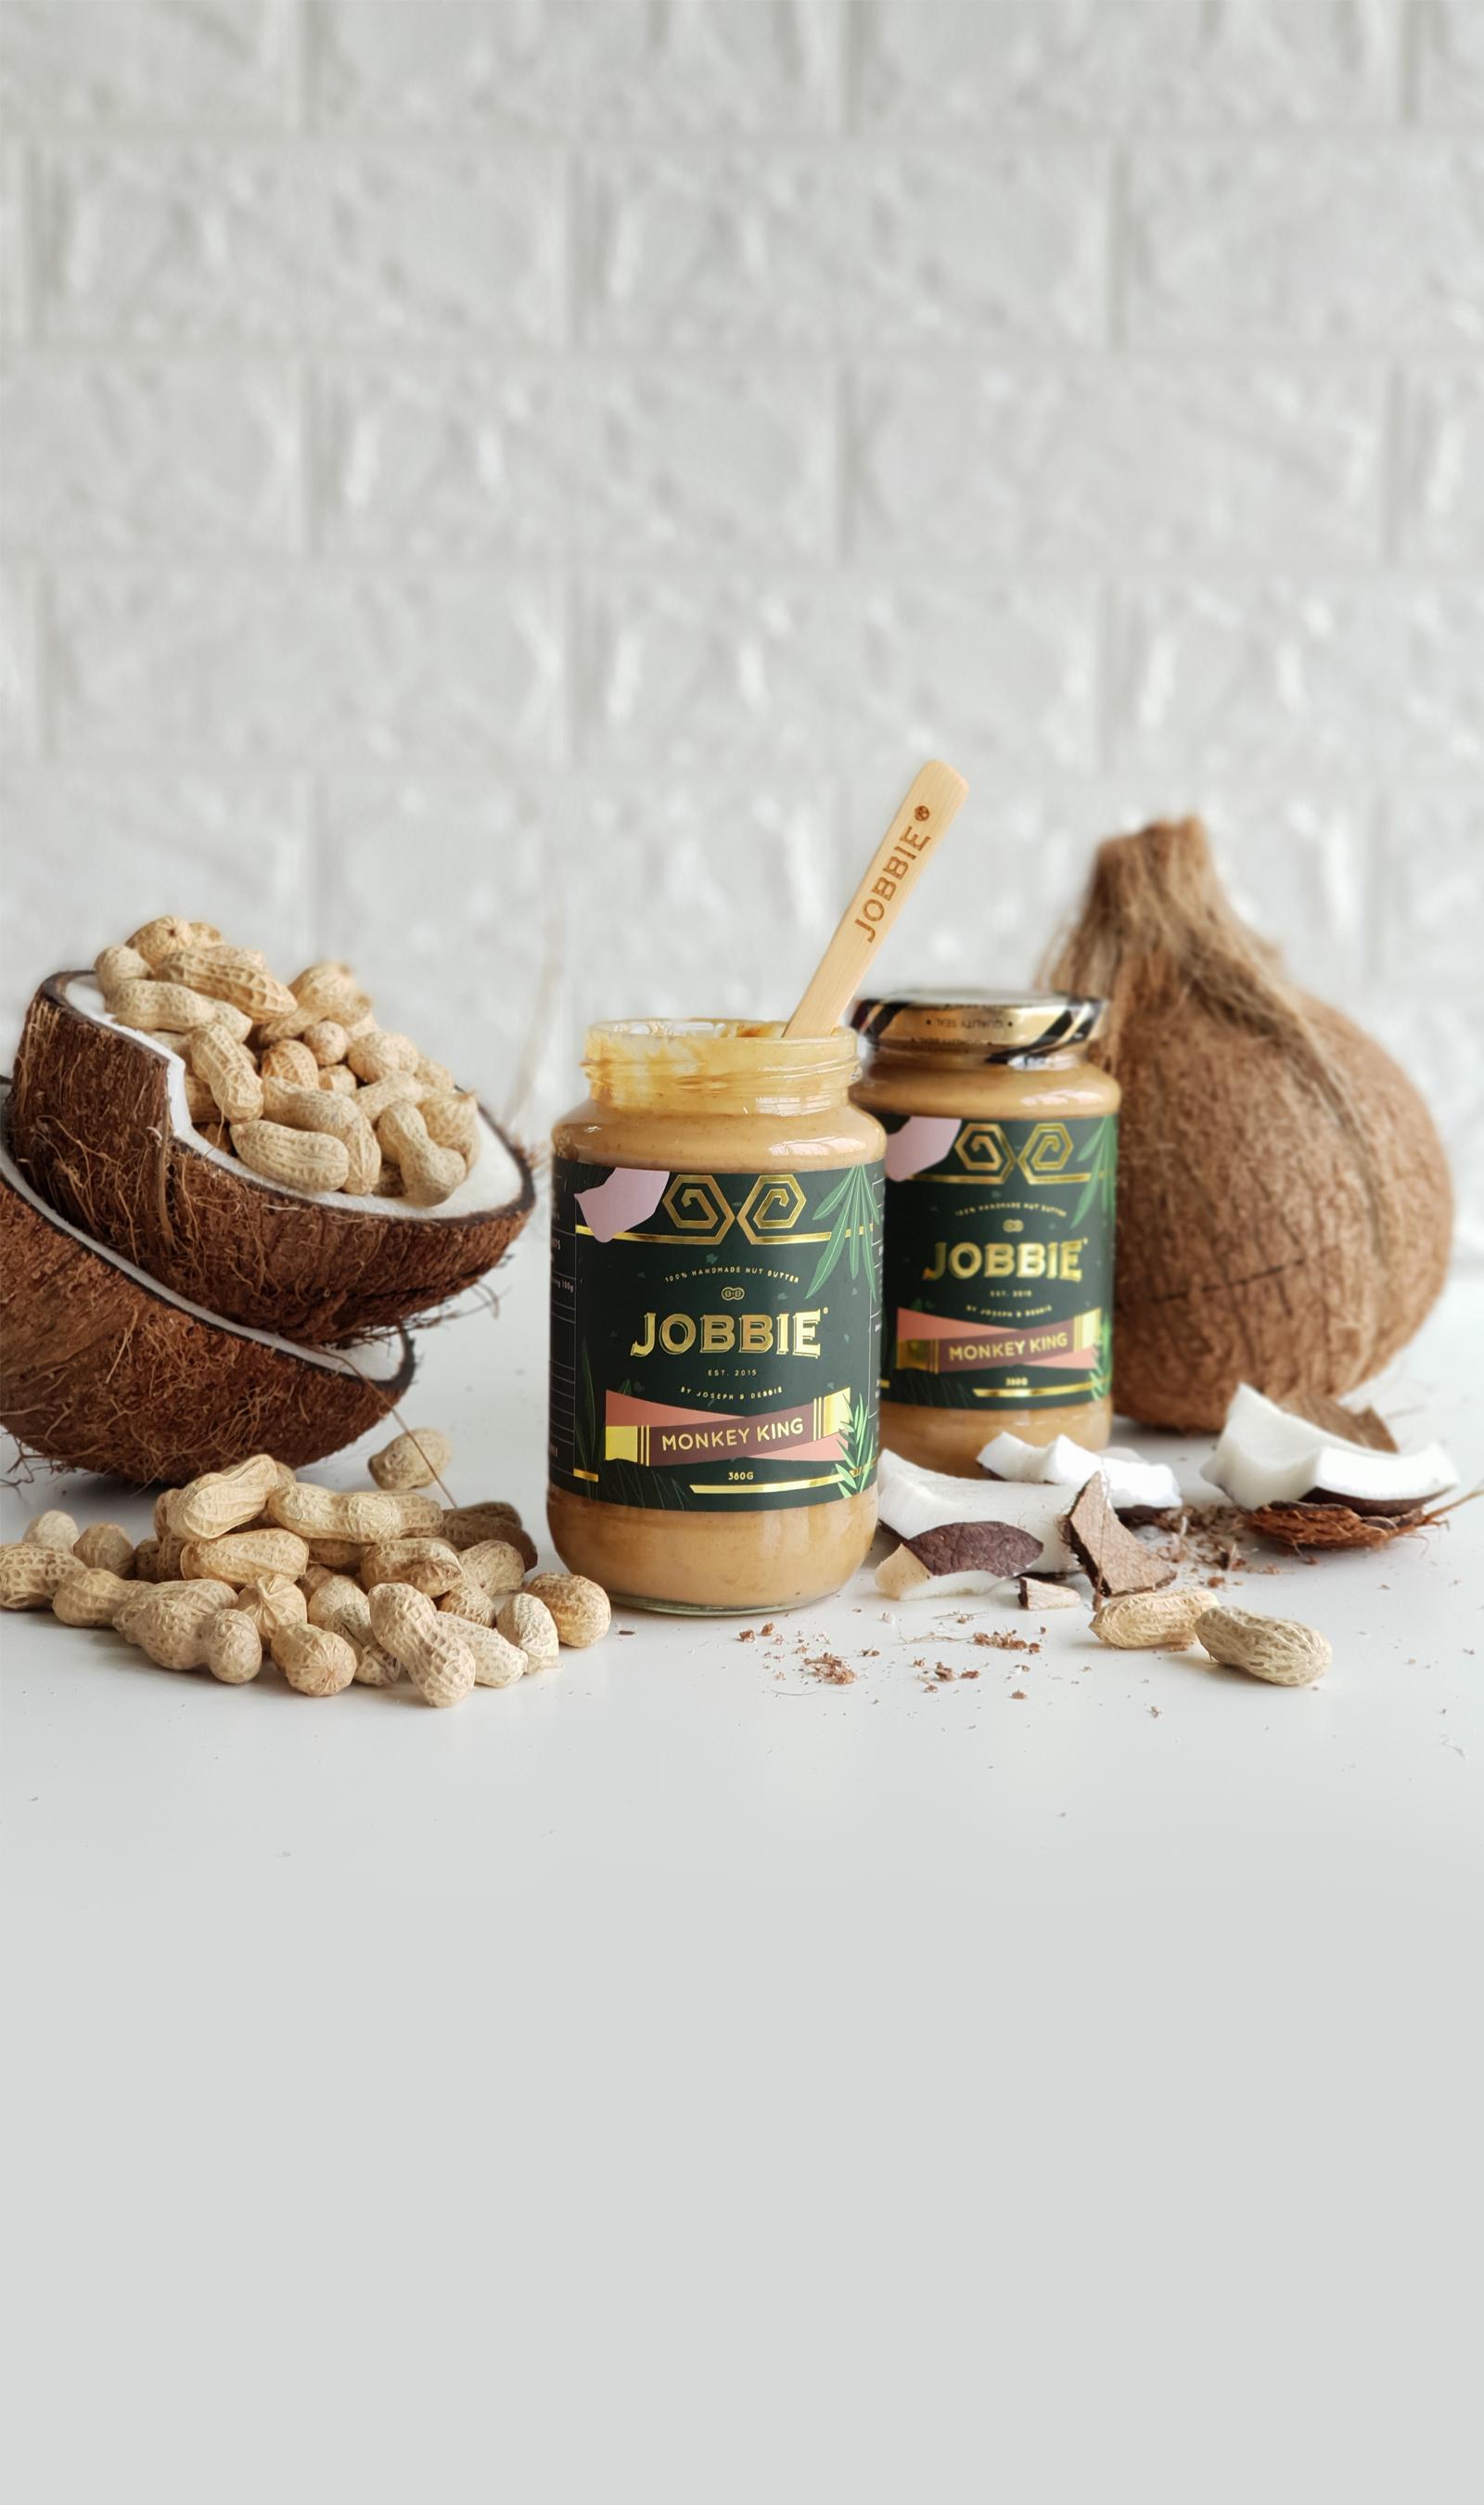 JOBBIE NUT BUTTER - Get natural peanut butter delivered to your doorstep | Monkey King Crispy Coconut PB